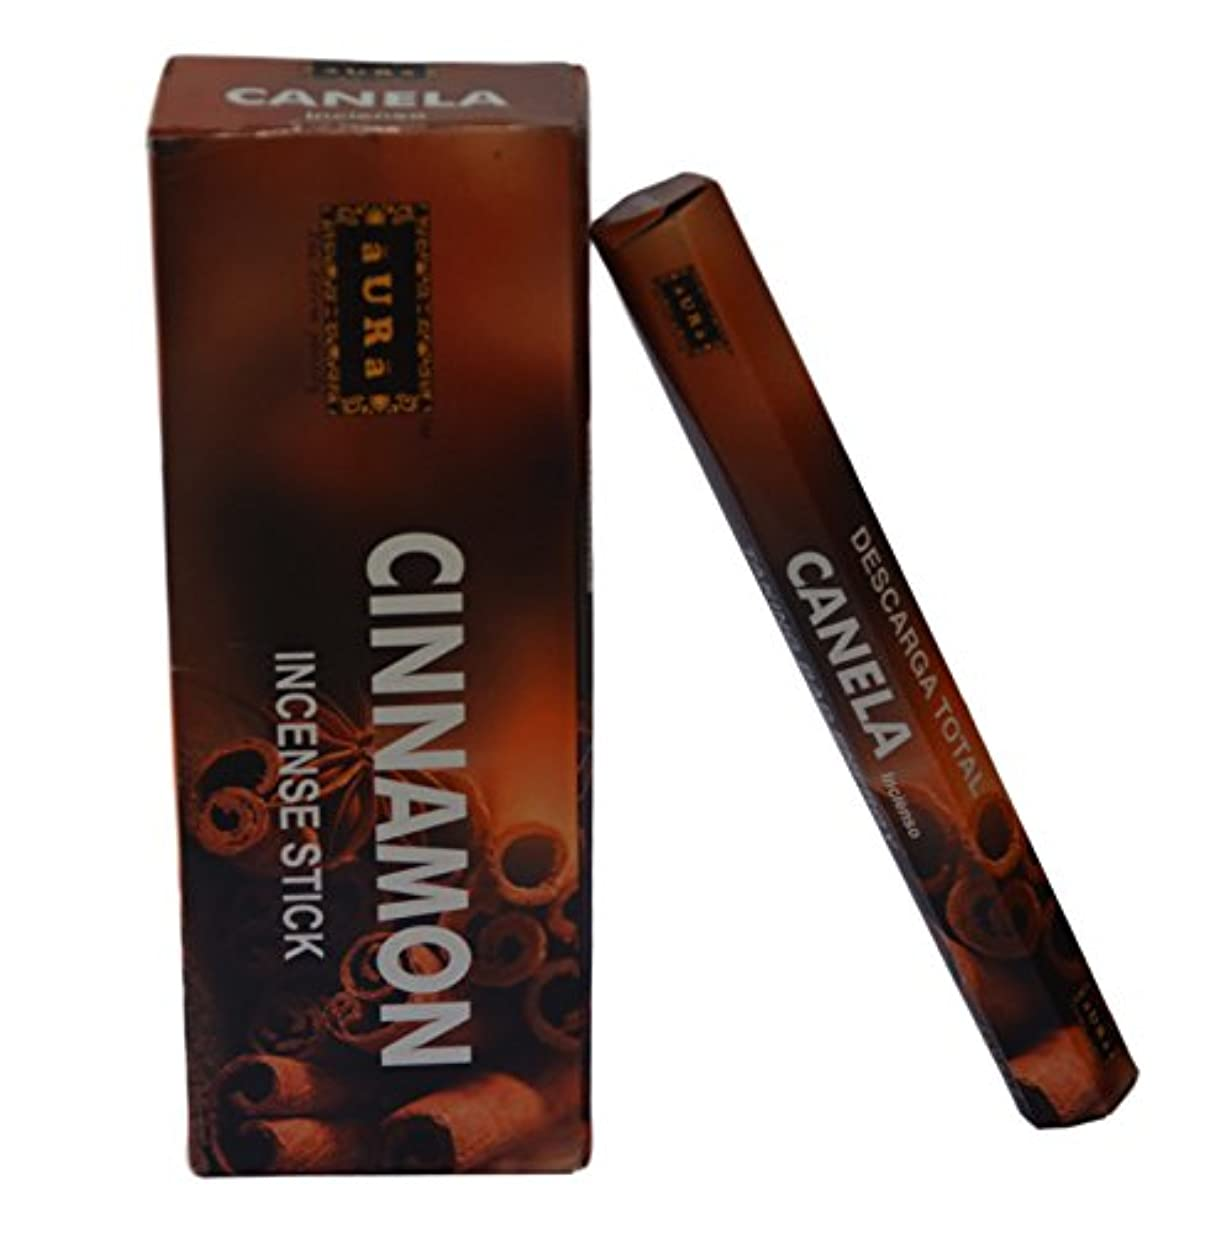 行商人手錠社会学オーラCinnamon Scented Incense Sticks、プレミアム天然Incense Sticks、六角packing- 120 Sticks